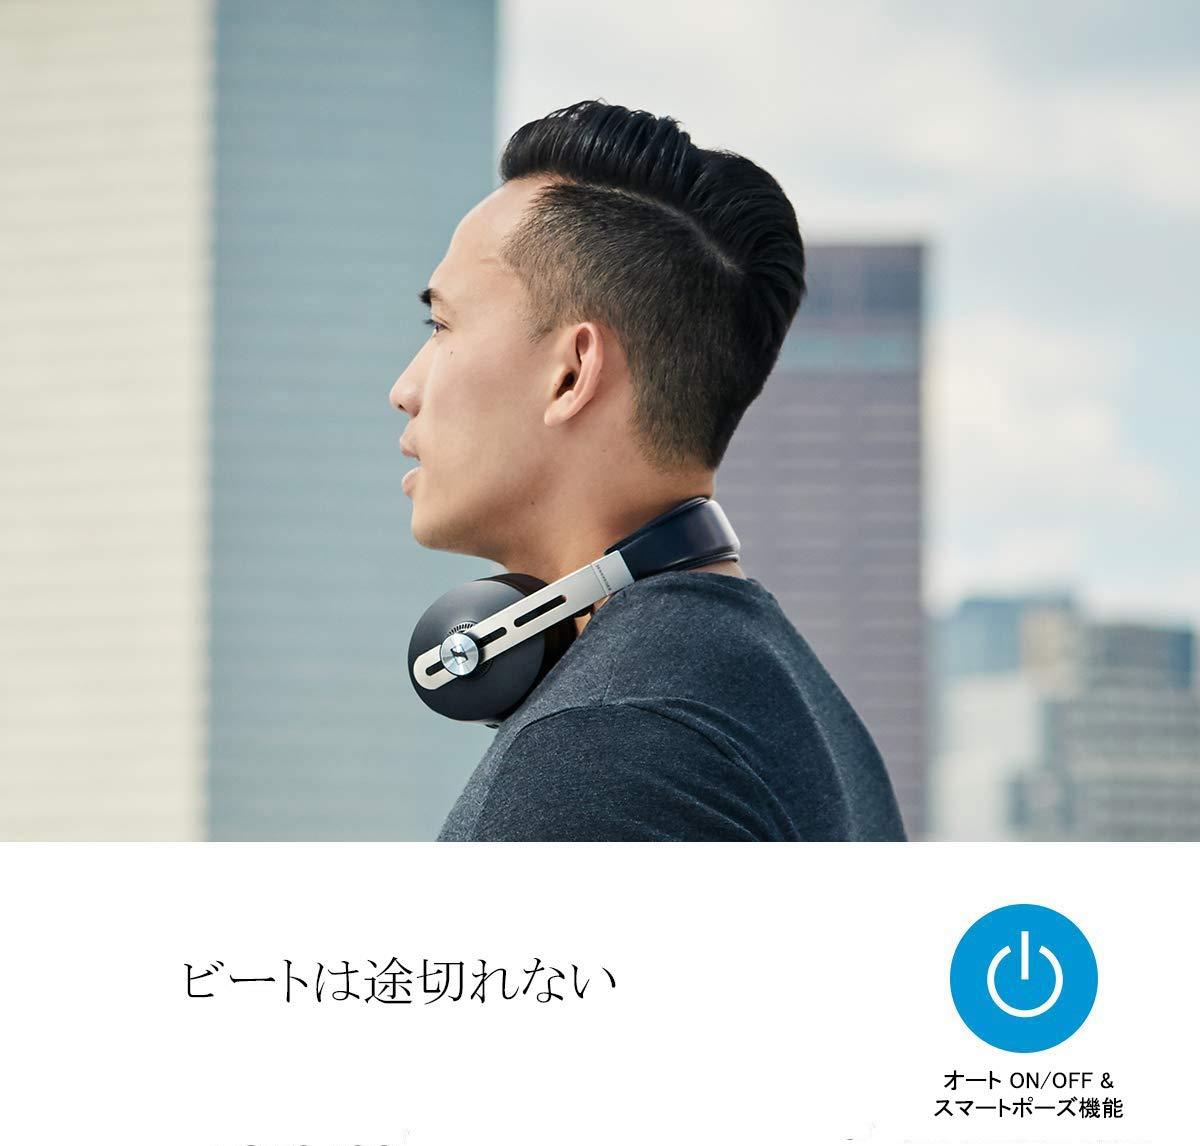 ゼンハイザー MOMENTUM Wireless M3AEBTXL BLACK Bluetoothノイズキャンセリングヘッドホン【国内正規品】 508234